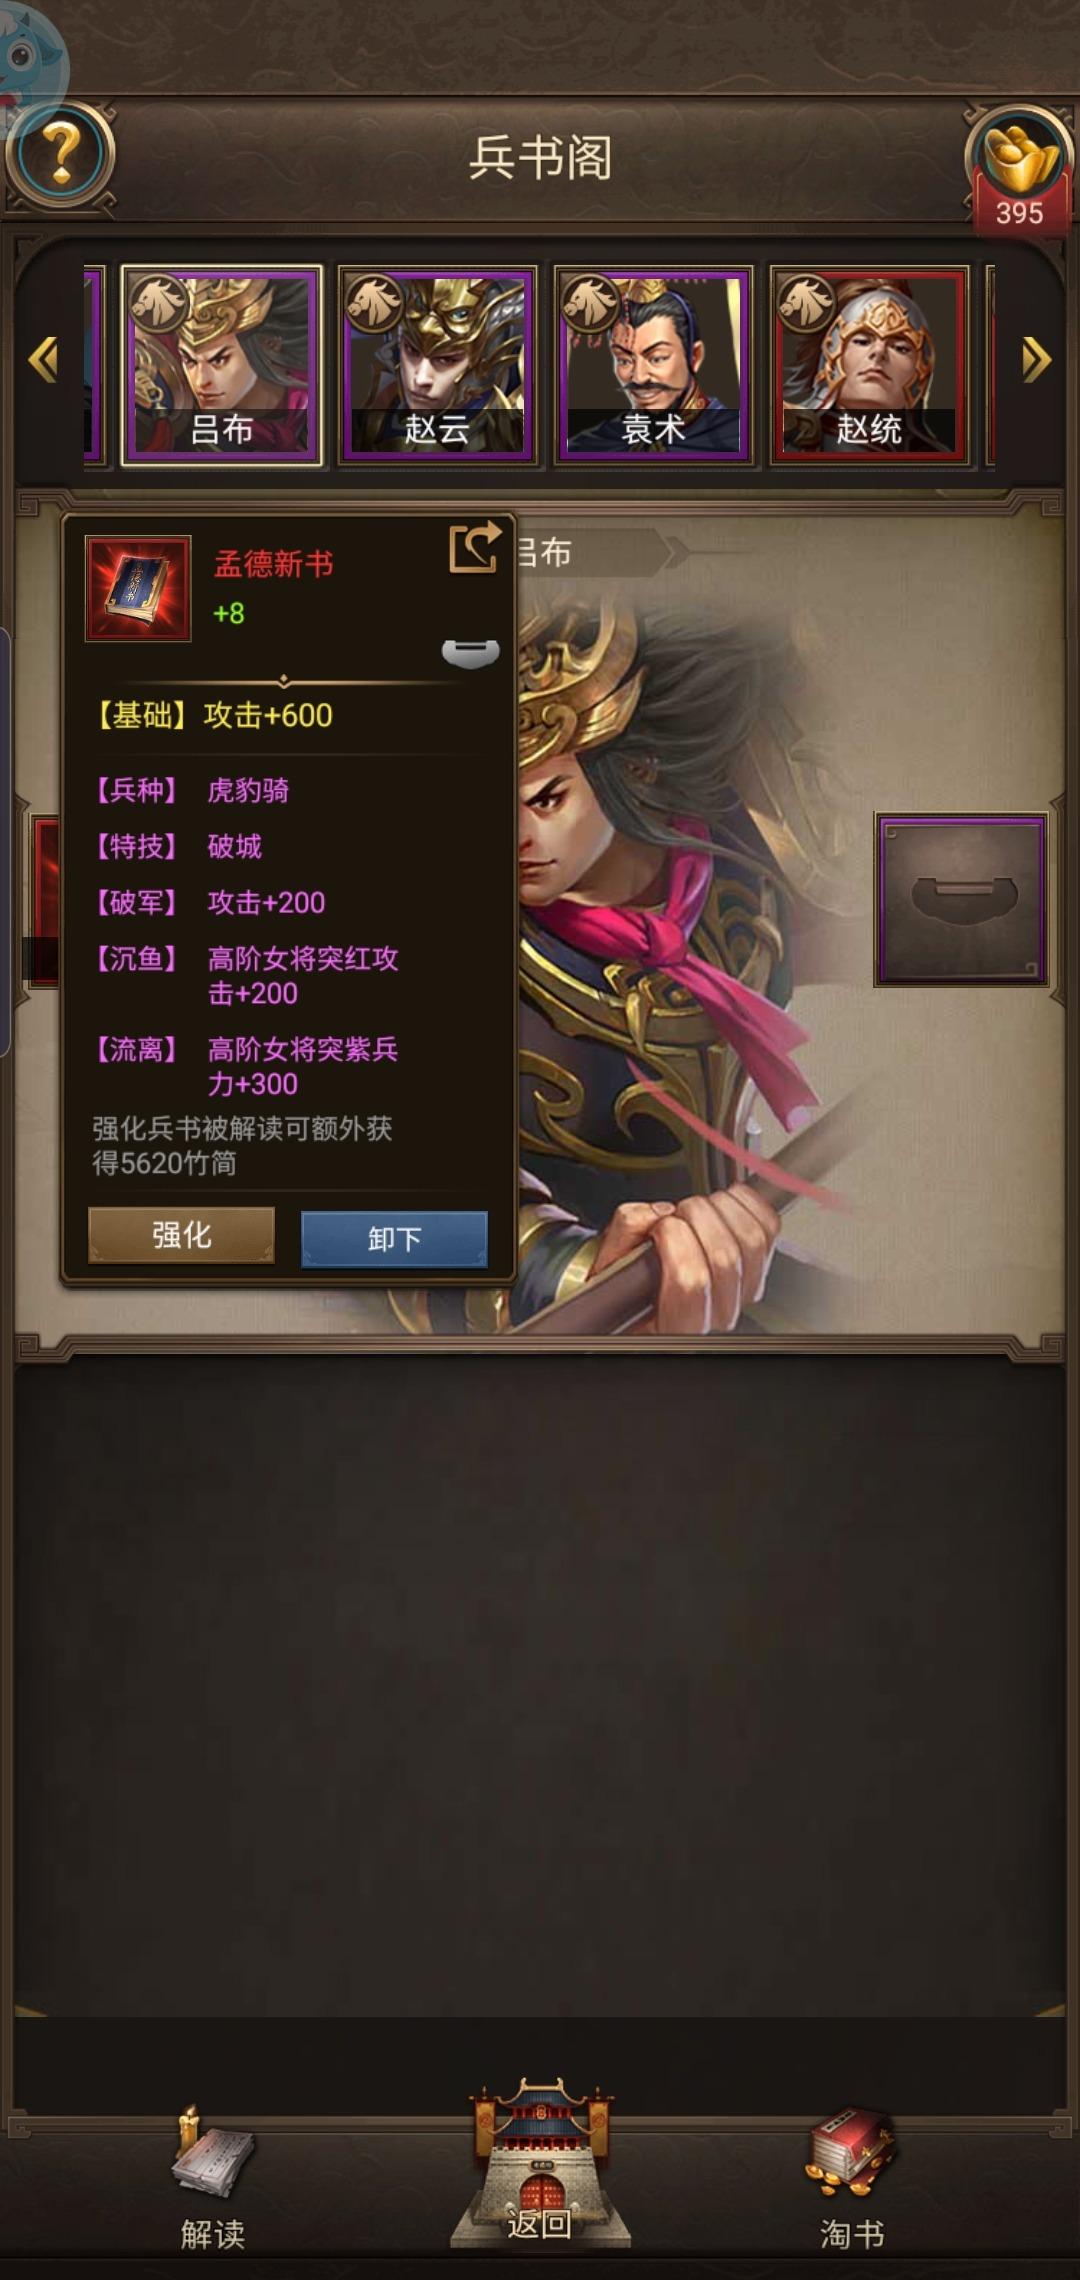 Screenshot_20191020-054056.jpg